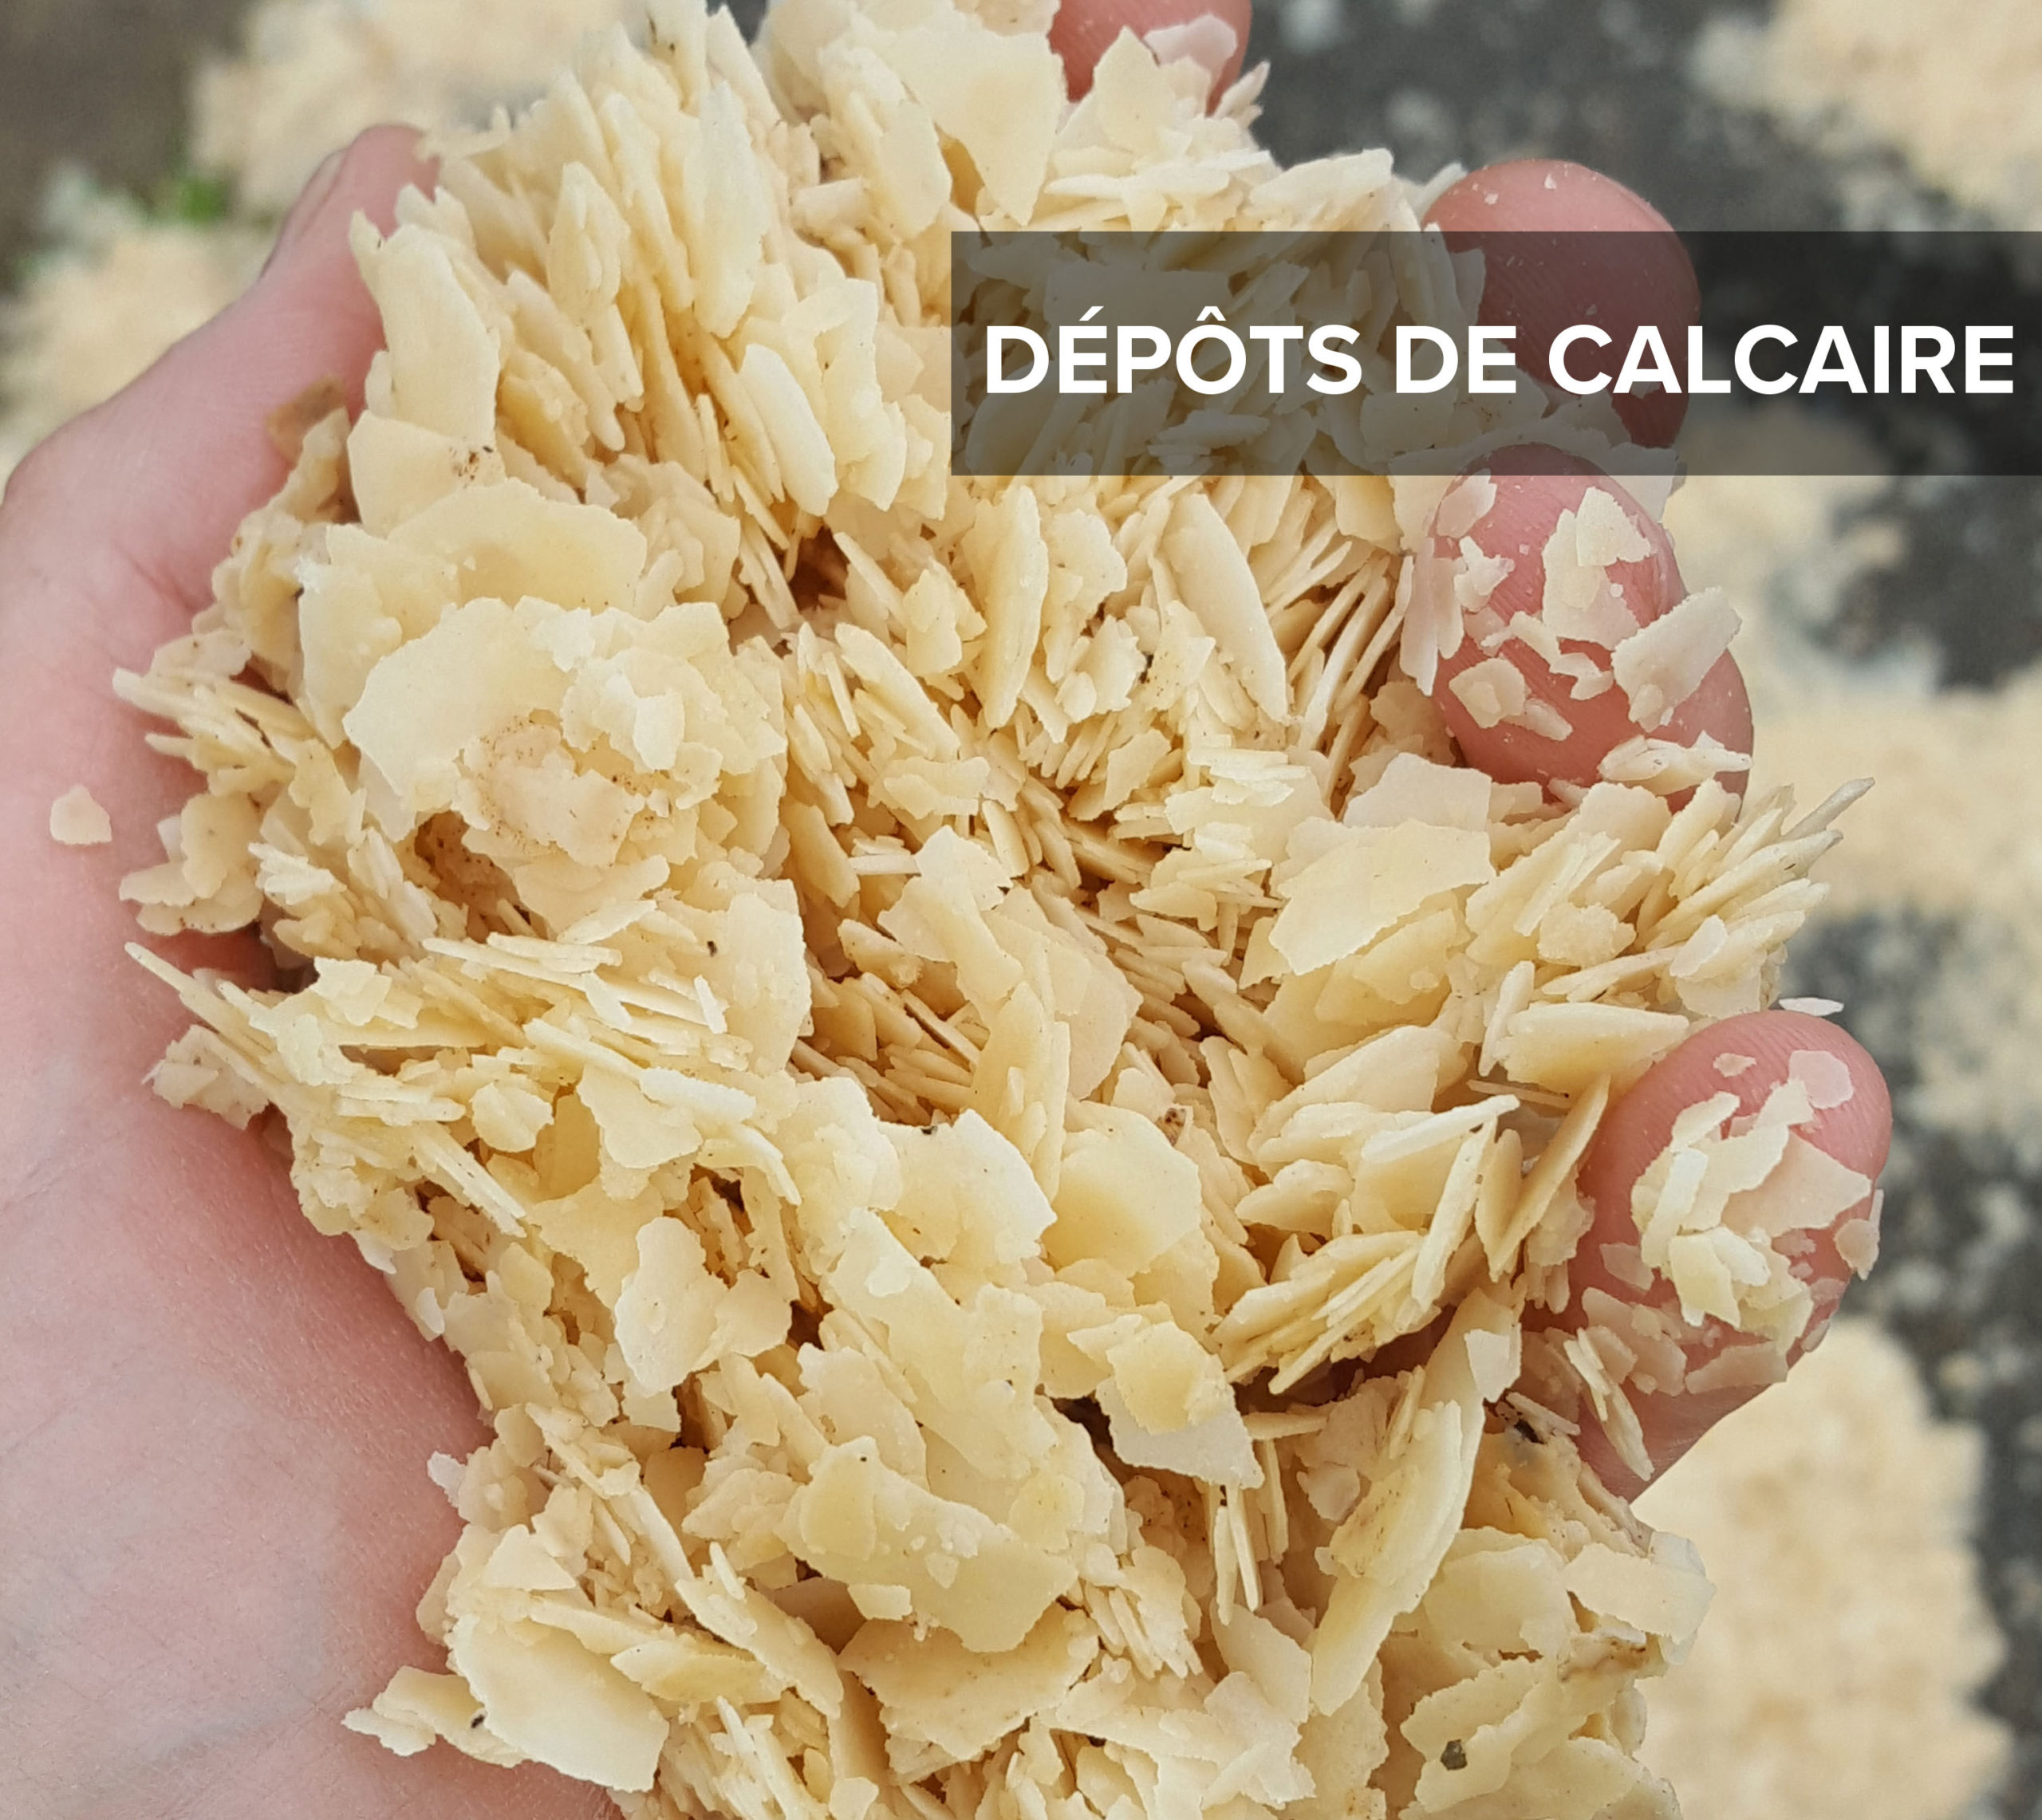 Dépôts de calcaire après nettoyage des réseaux d'eau potable